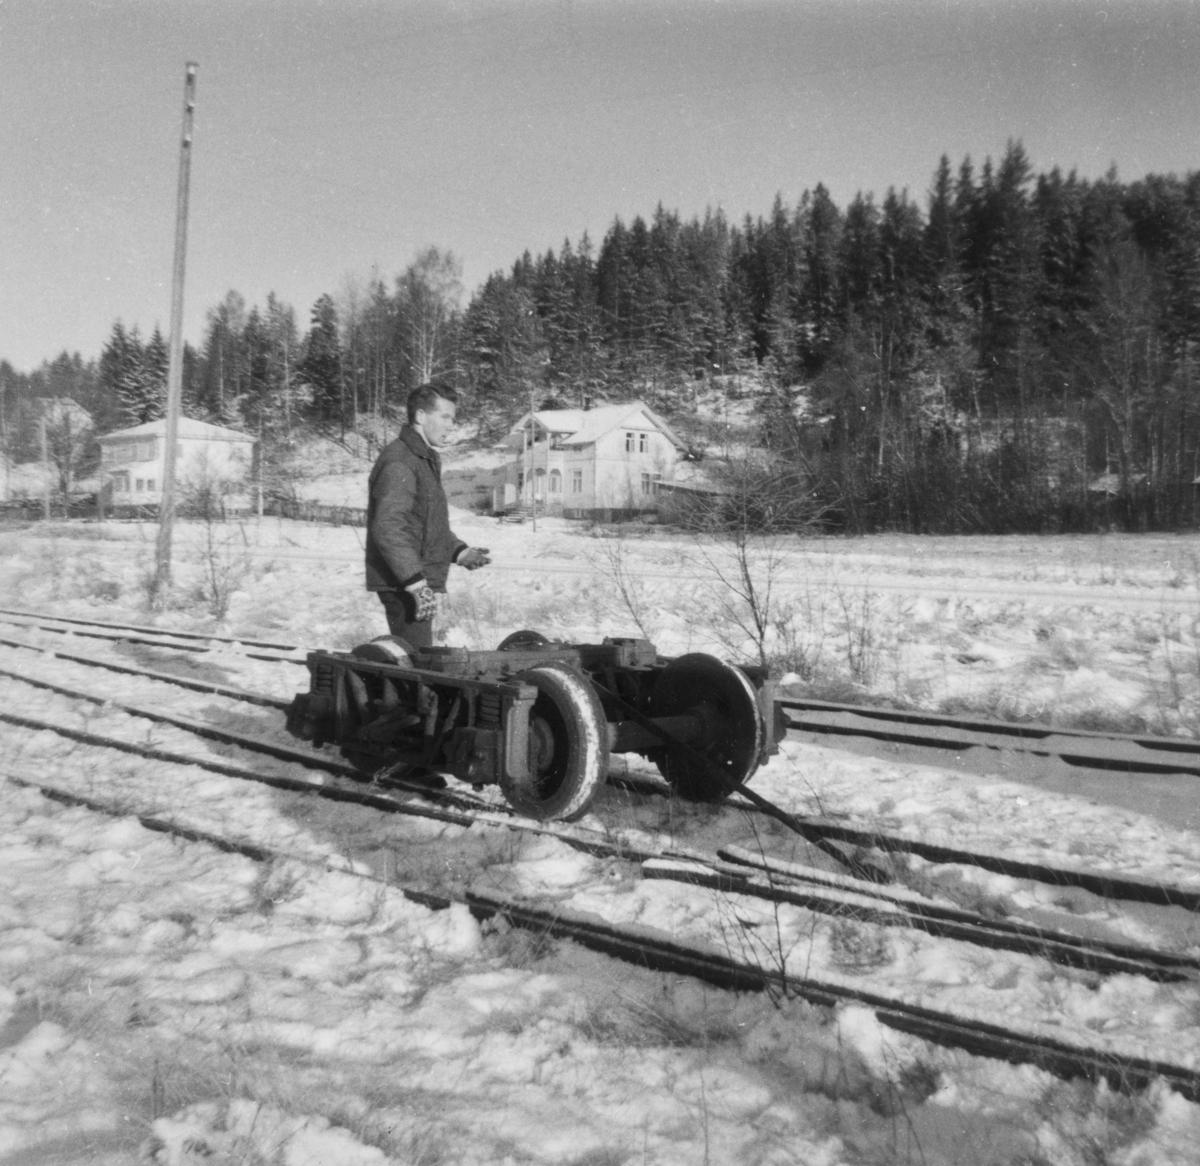 Personvogn CFo 5 hentes fra Skulerud til museumsbanen på Sørumsand. Her trilles en av boggiene frem til lastebilen.